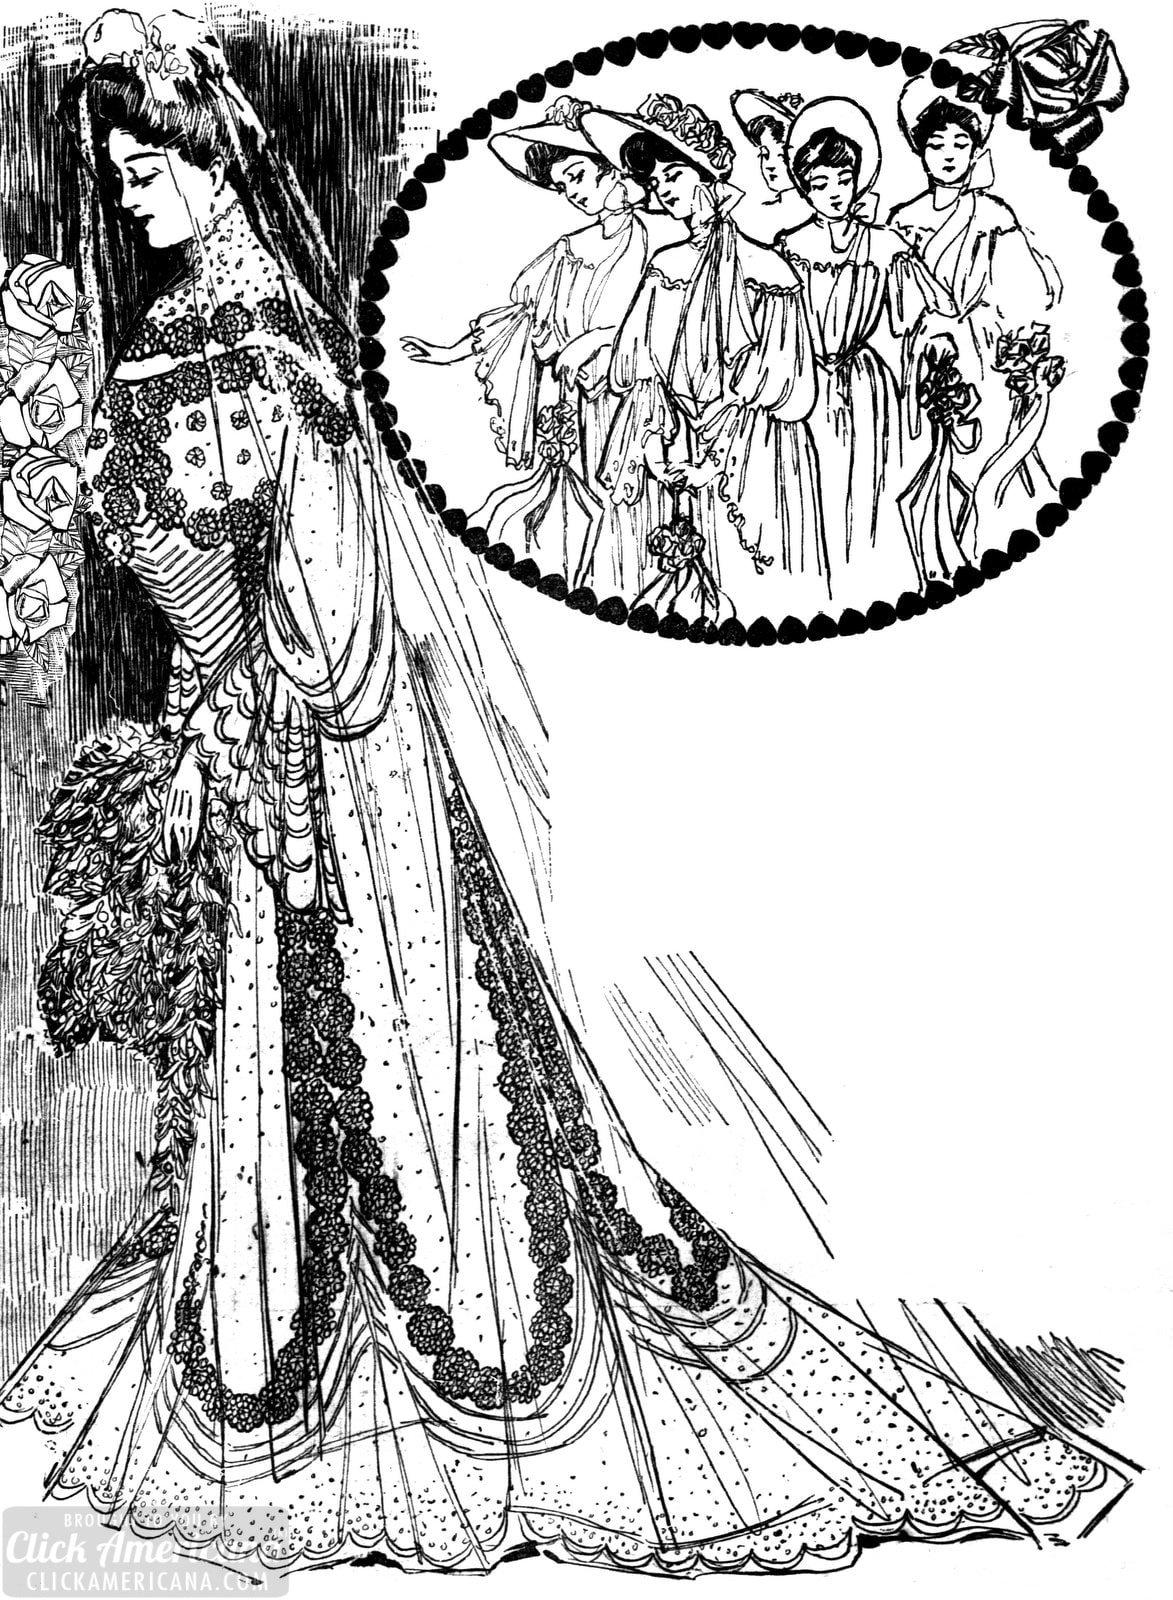 Vintage wedding dresses for the spring bride (1904)